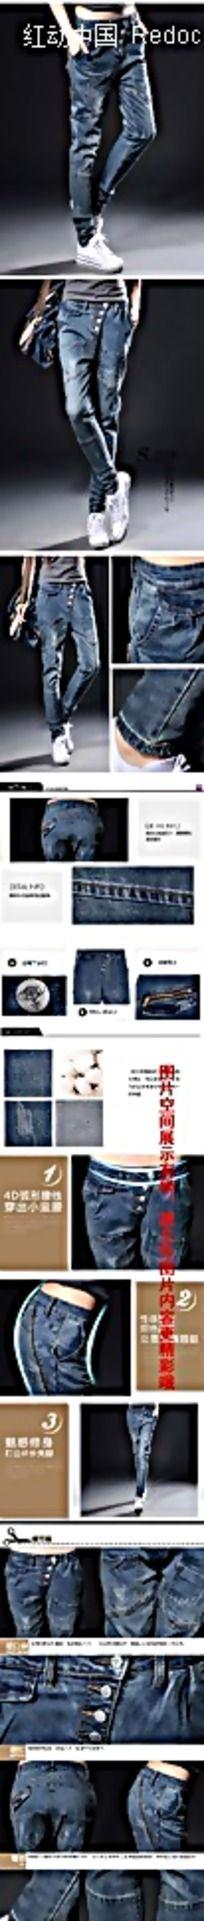 牛仔裤细节展示淘宝详情页